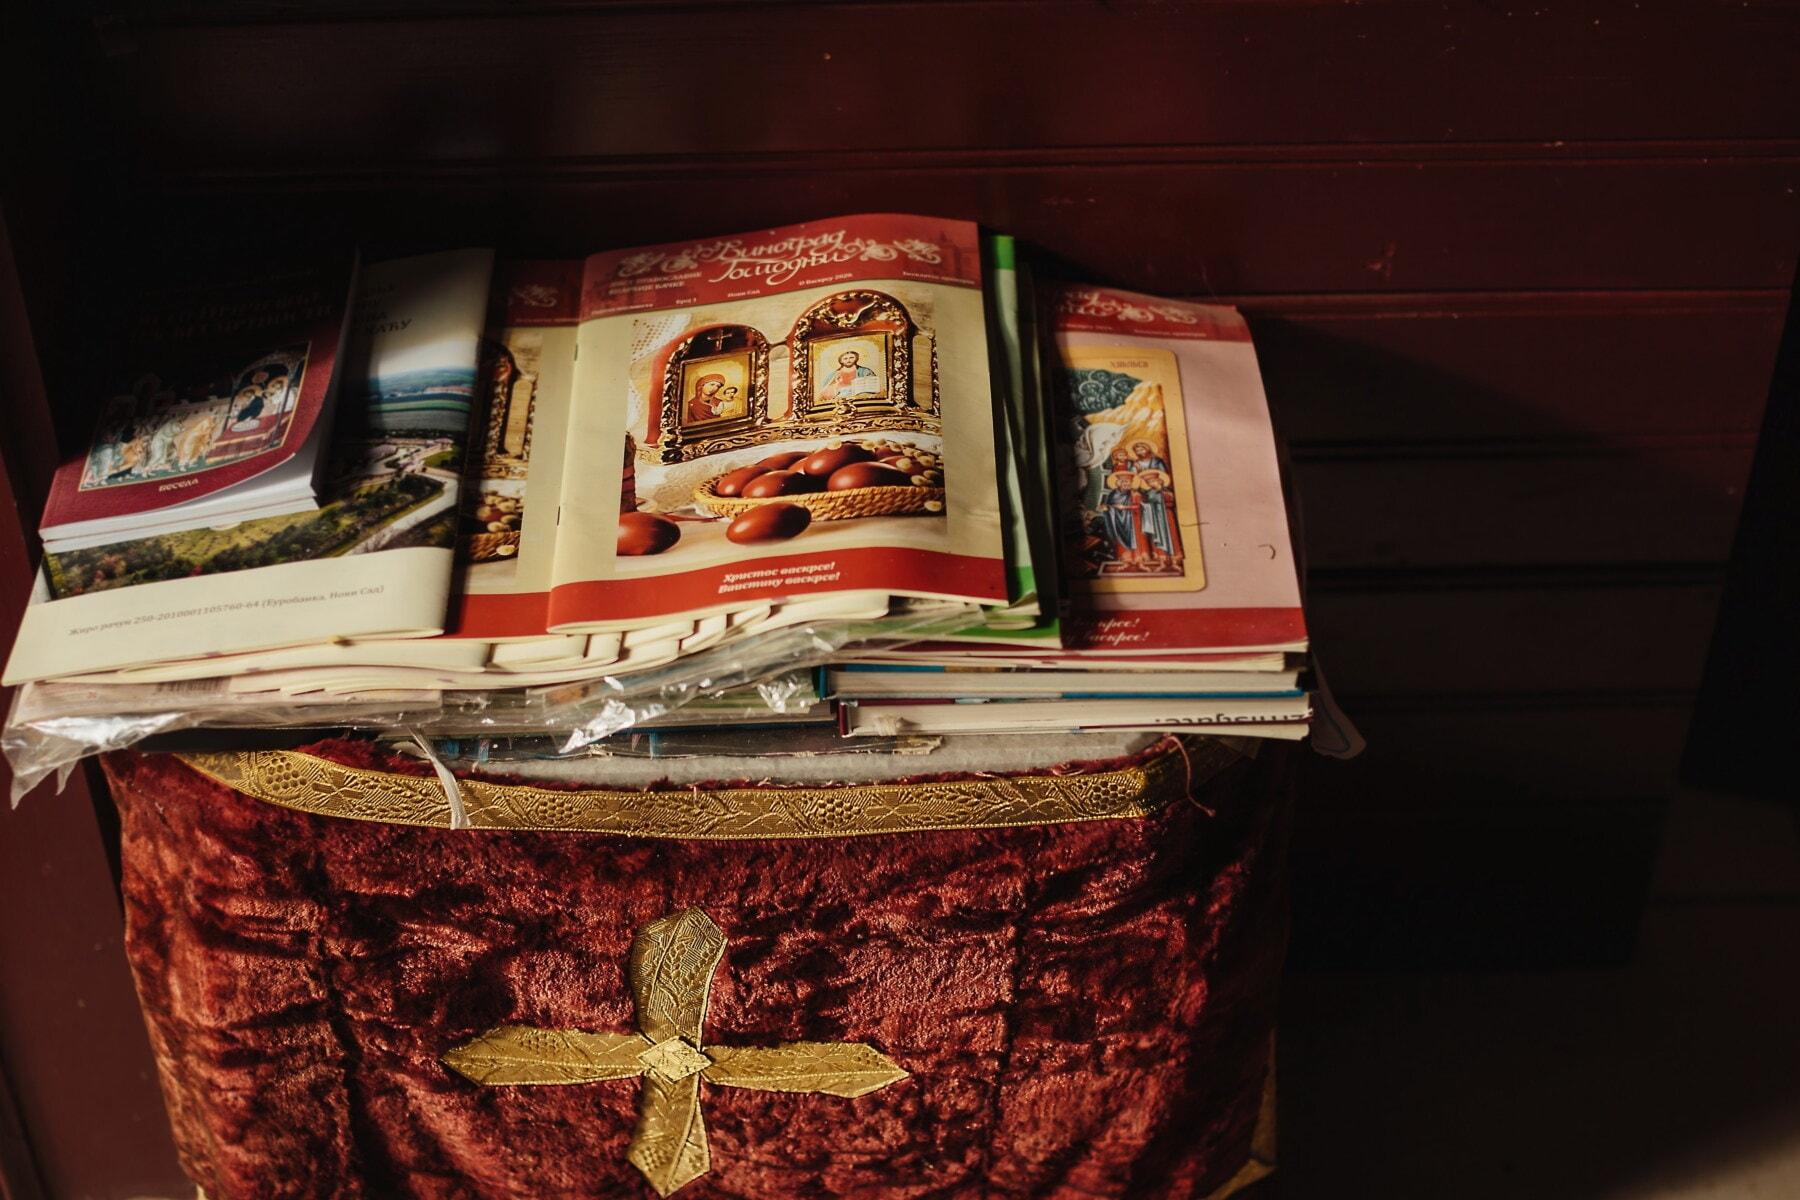 Pâques, Journal, église, religion, art, portrait, musée, nature morte, vieux, paysage